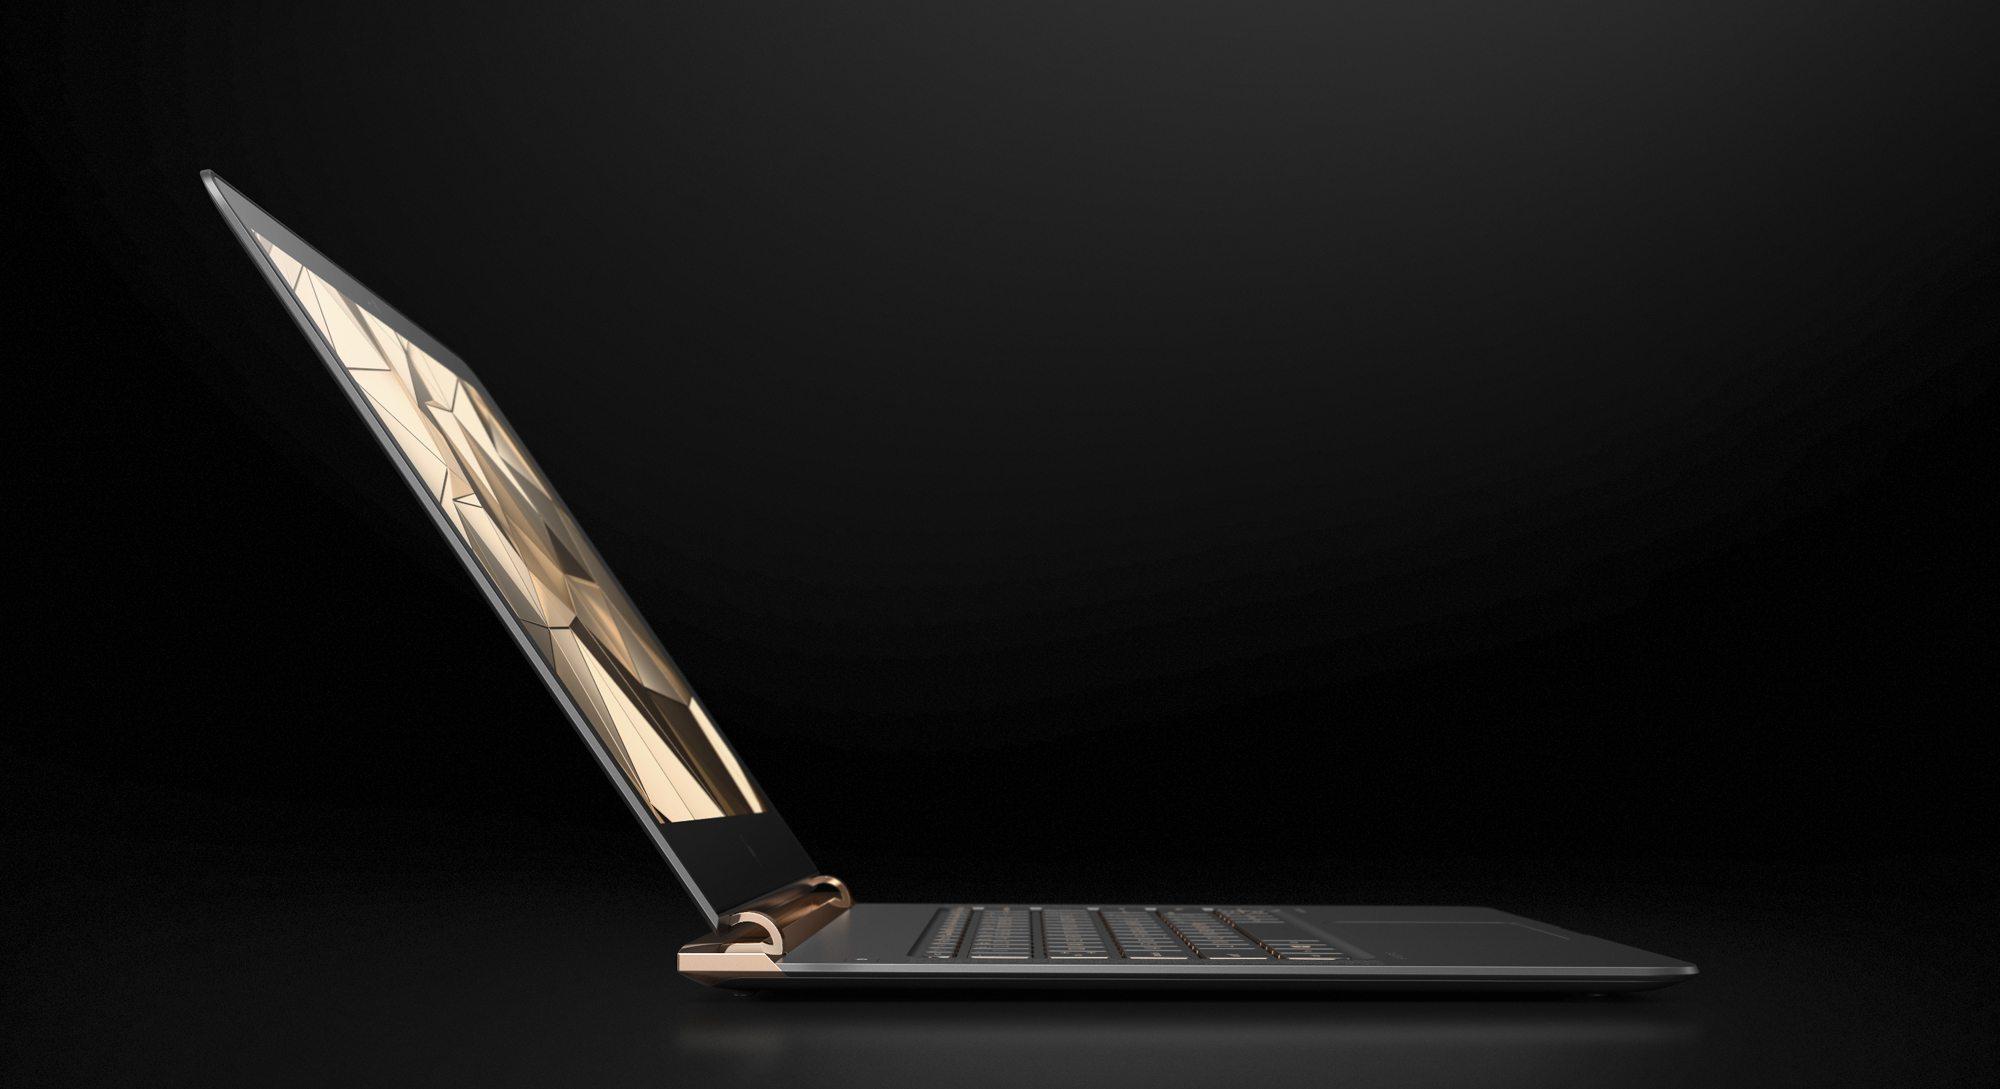 HP Spectre. נייד בגודל 13.3 אינץ׳ ועיצוב דקיק להפליא